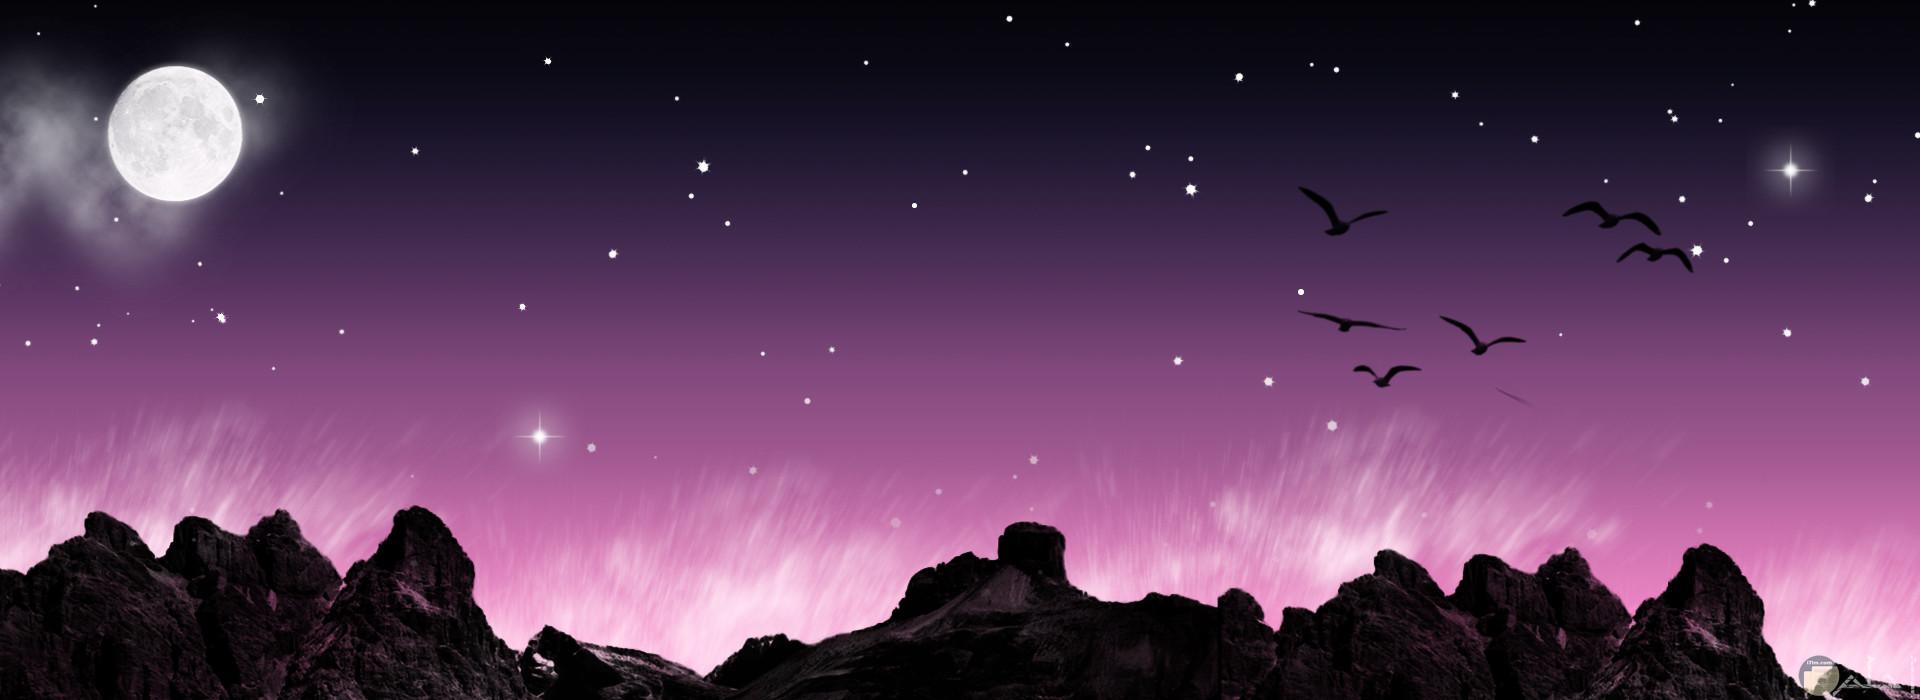 أجمل صور الطبيعة للسماء و الطيور باللون البنفسجي.